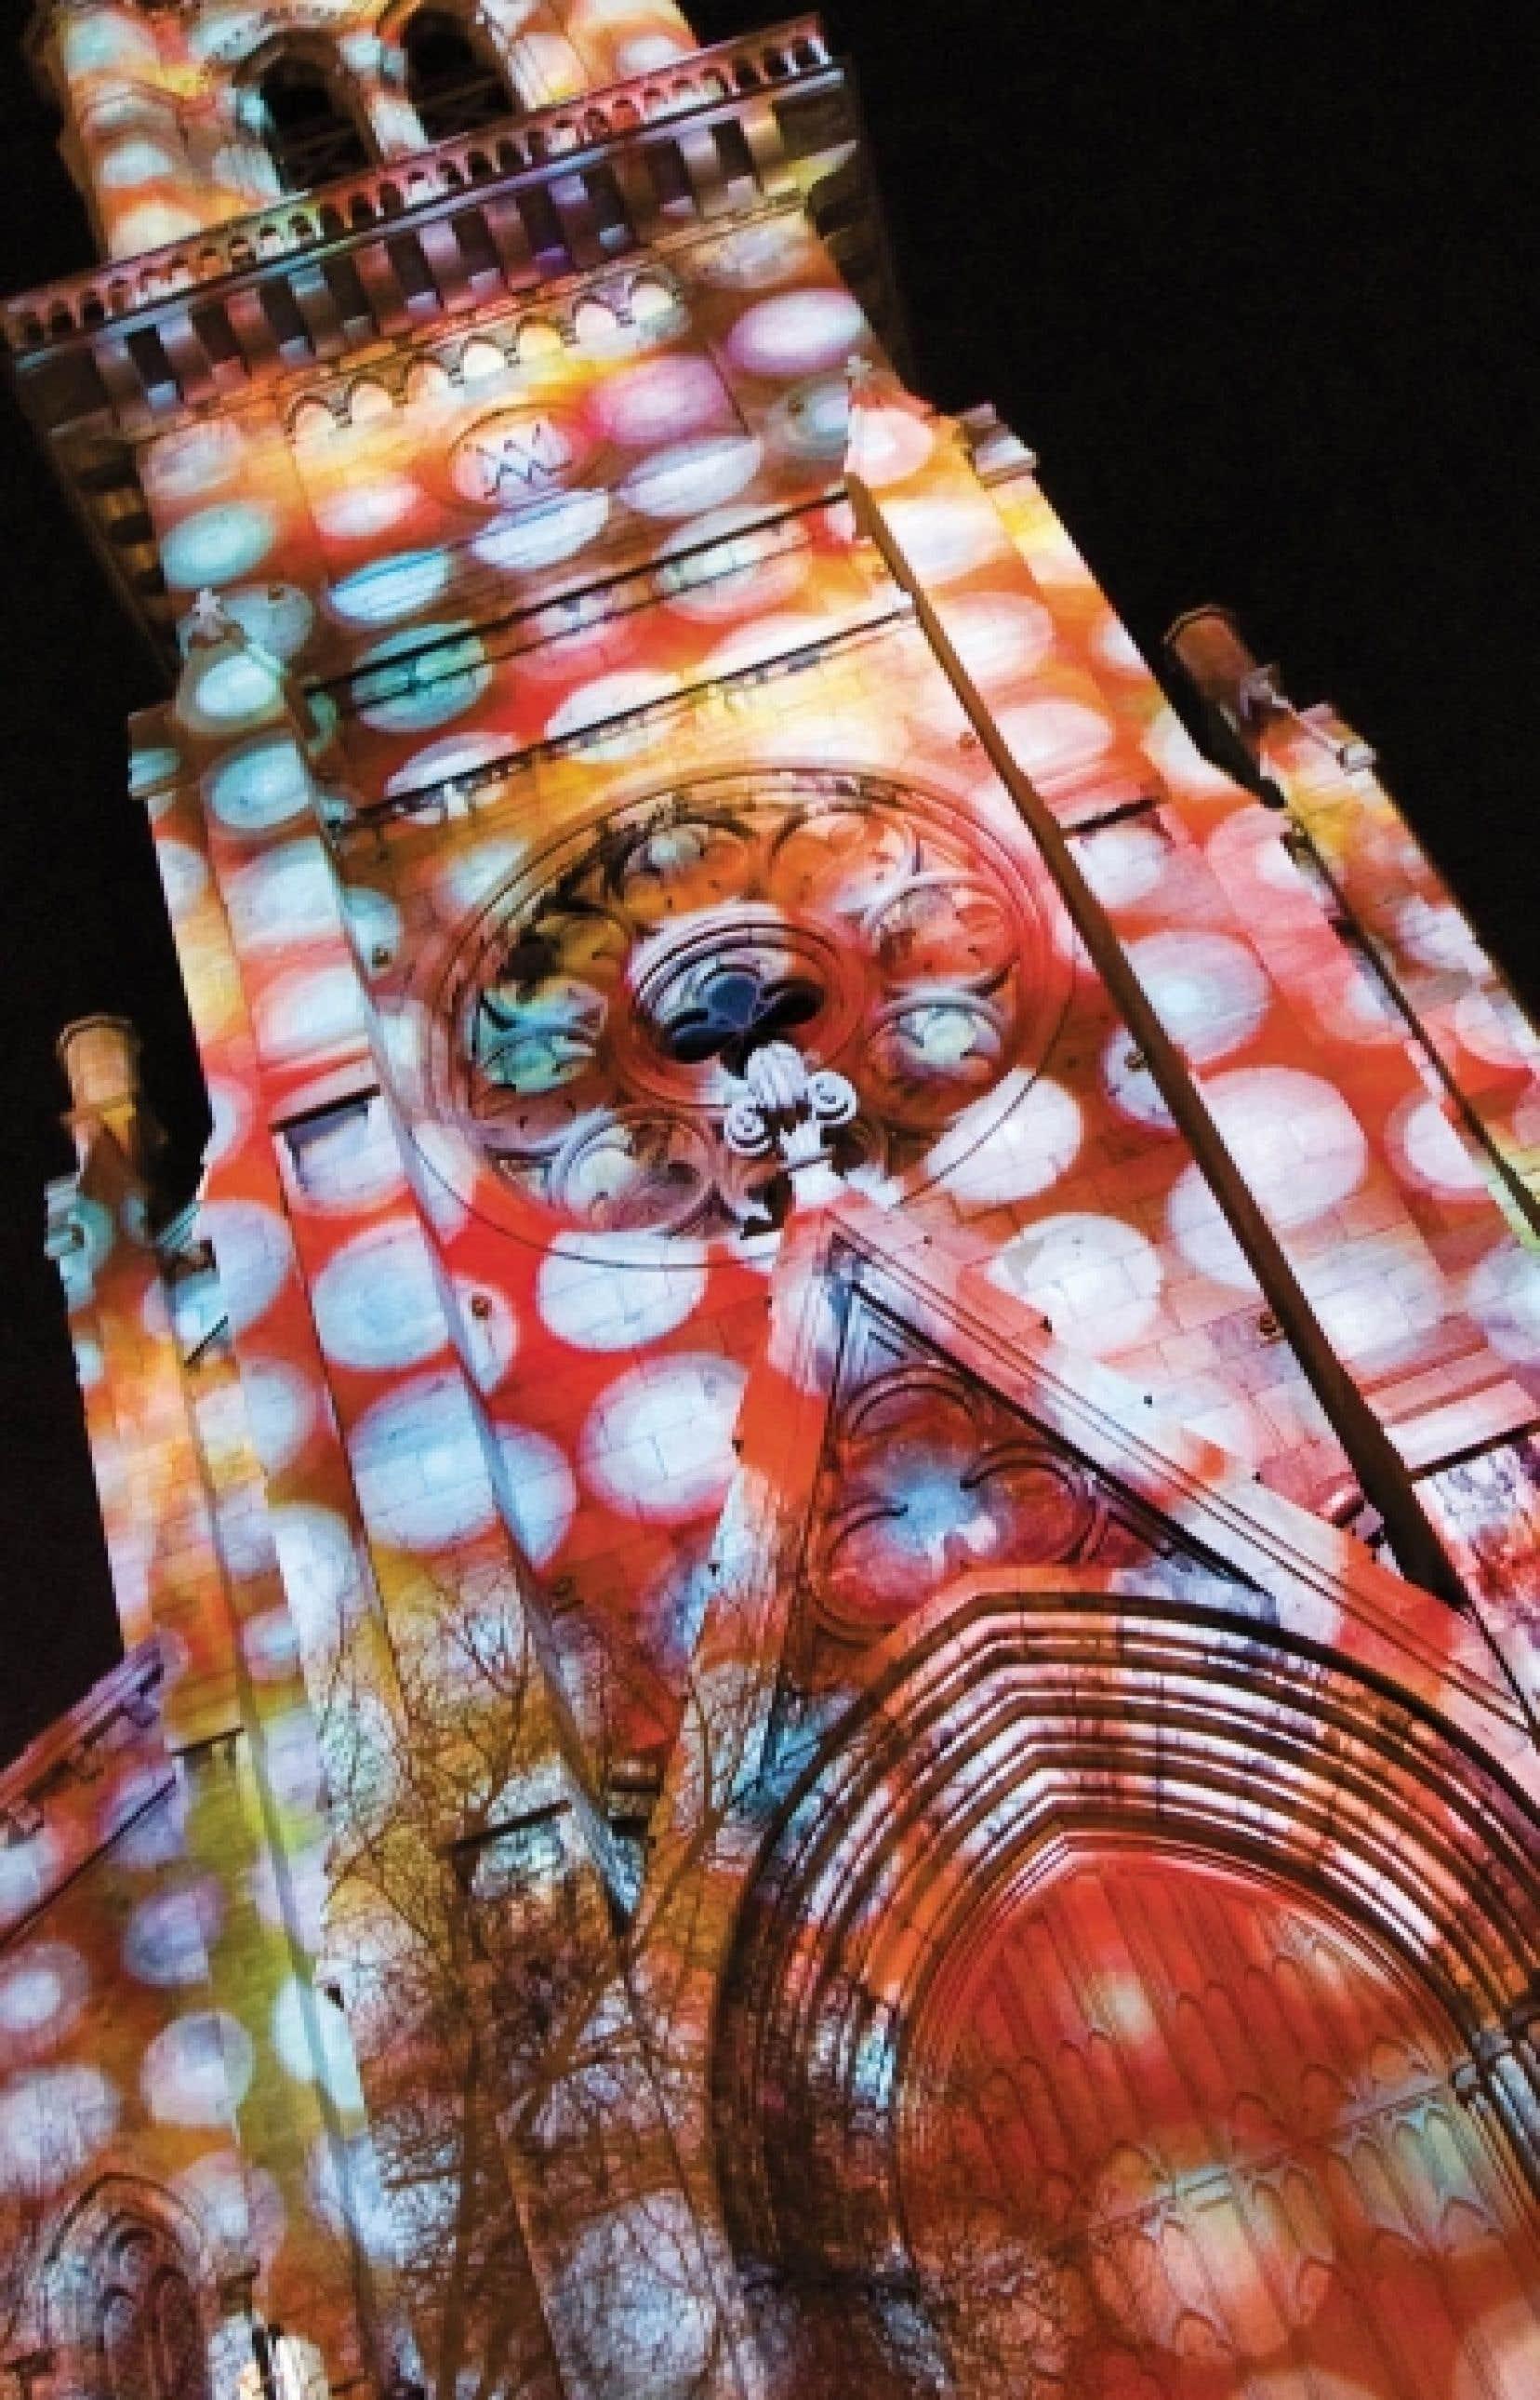 Pour la Nuit blanche de Montr&eacute;al en lumi&egrave;re, le clocher Saint-Jacques de l&rsquo;UQAM accueillera TRAME, une &oelig;uvre audacieuse et interactive.<br />